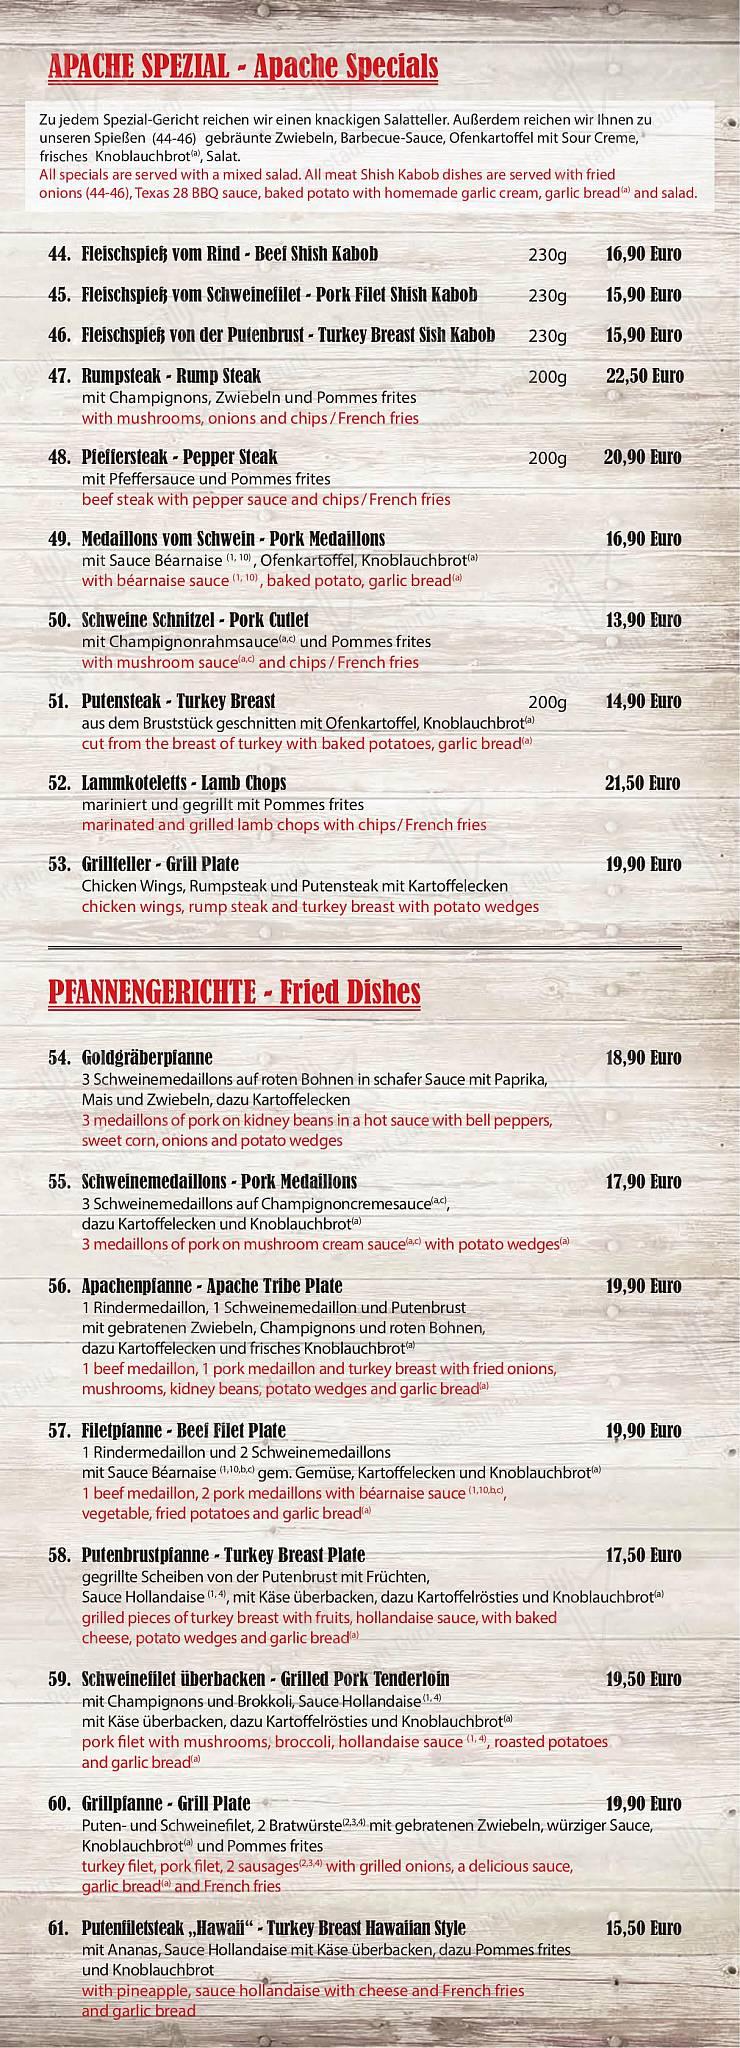 Steakhouse Apache Speisekarte - Essen und Getränke